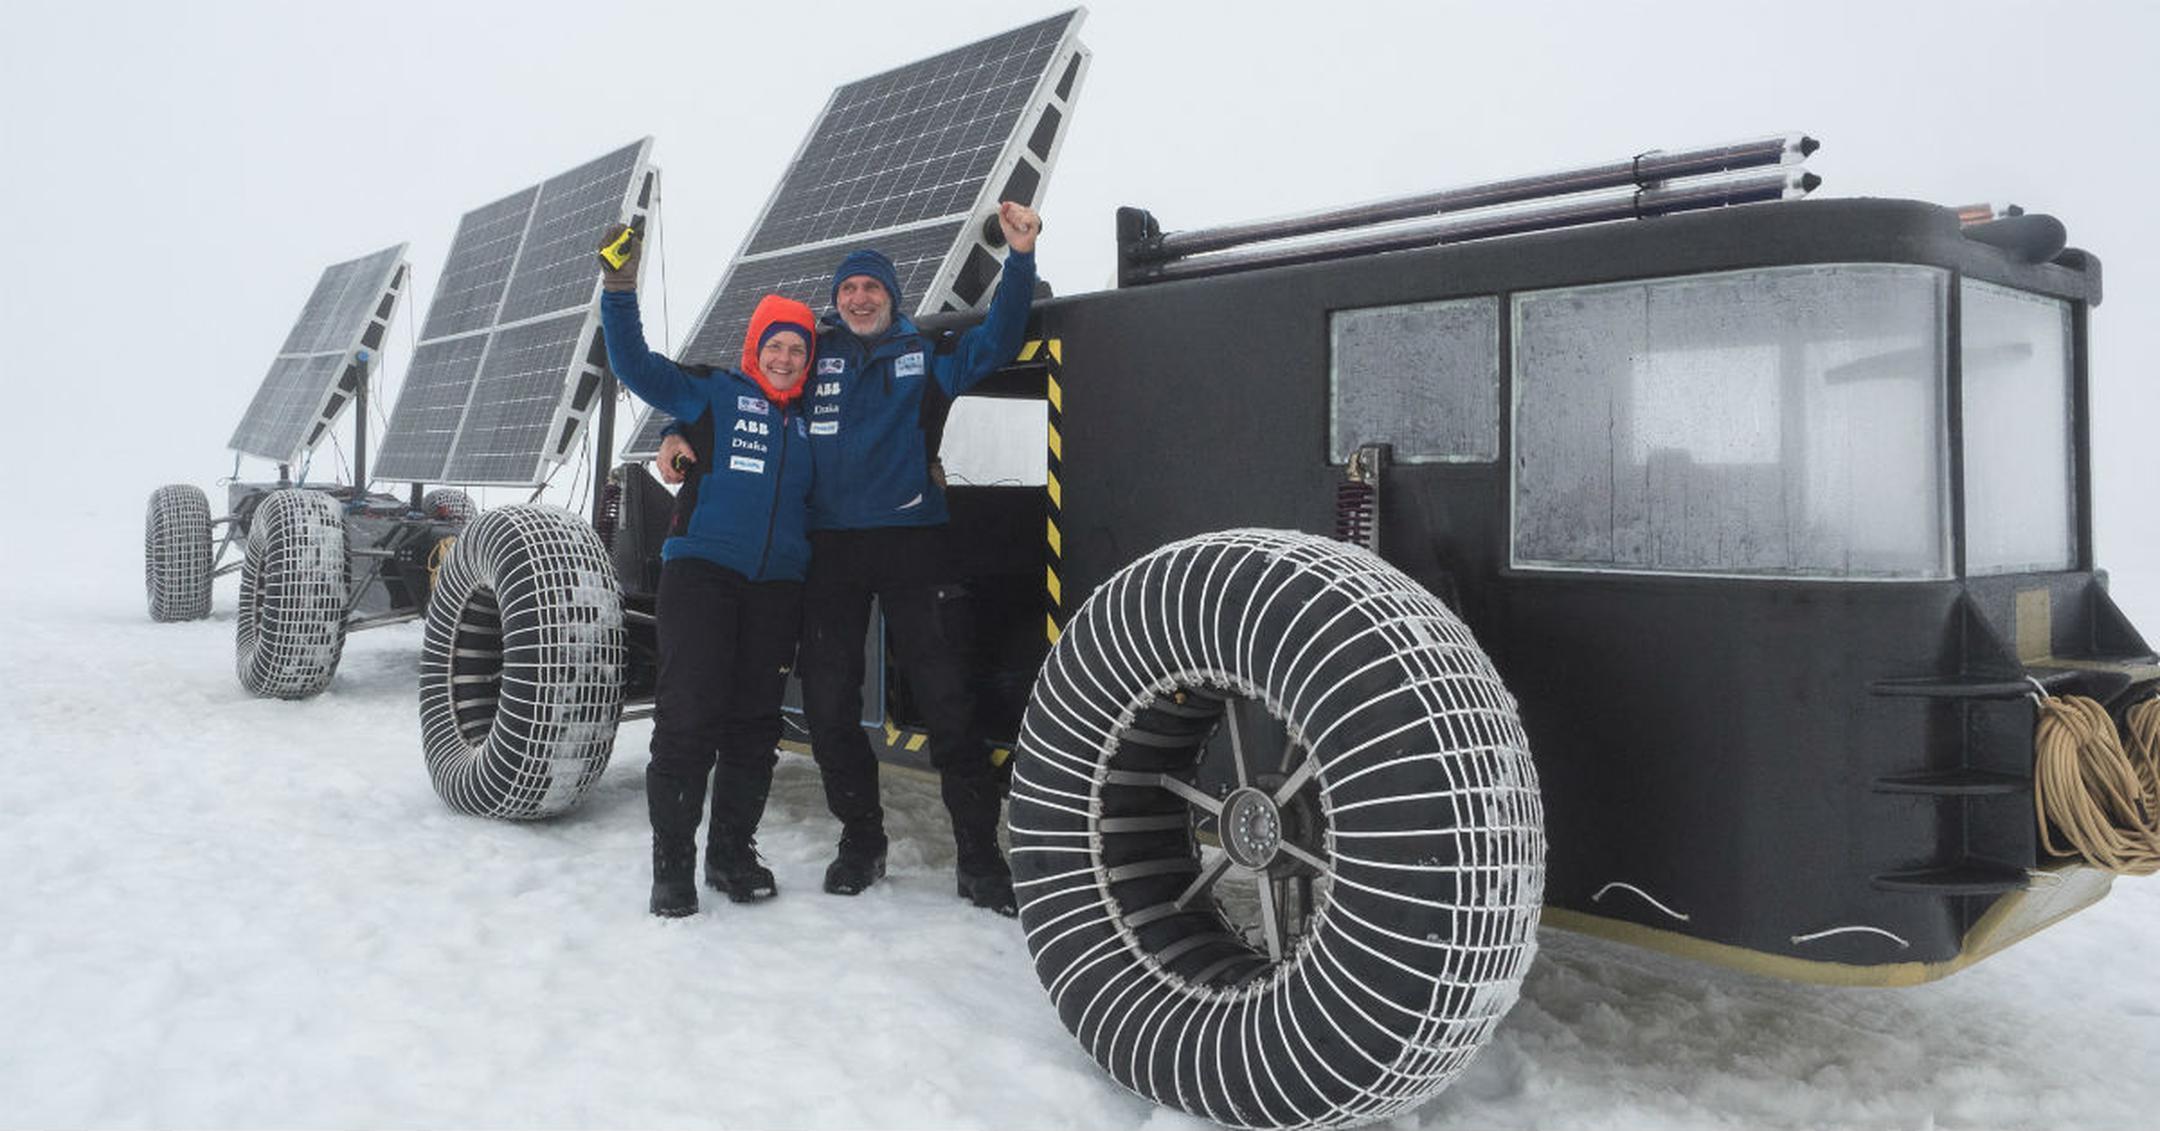 پرینتر سه بعدی و وسیلهی نقلیهی پلاستیکی با نیروی خورشیدی برای رفتن به قطب جنوب